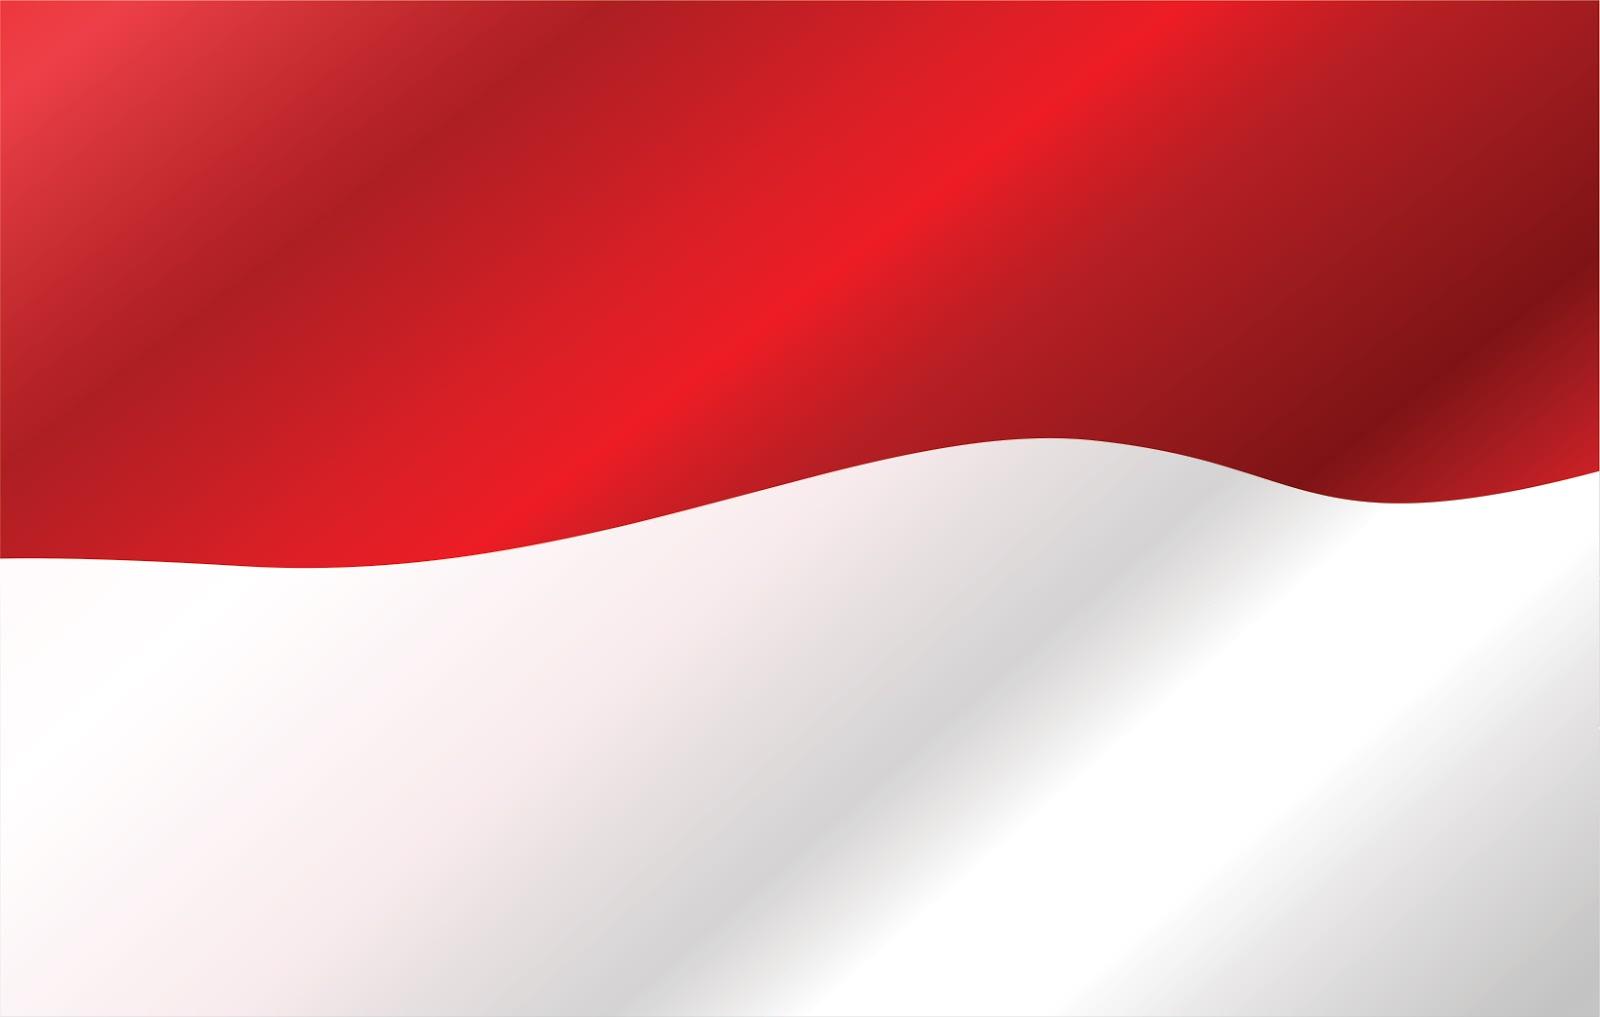 Bendera Merah Putih Vektor Free Download   Agen20